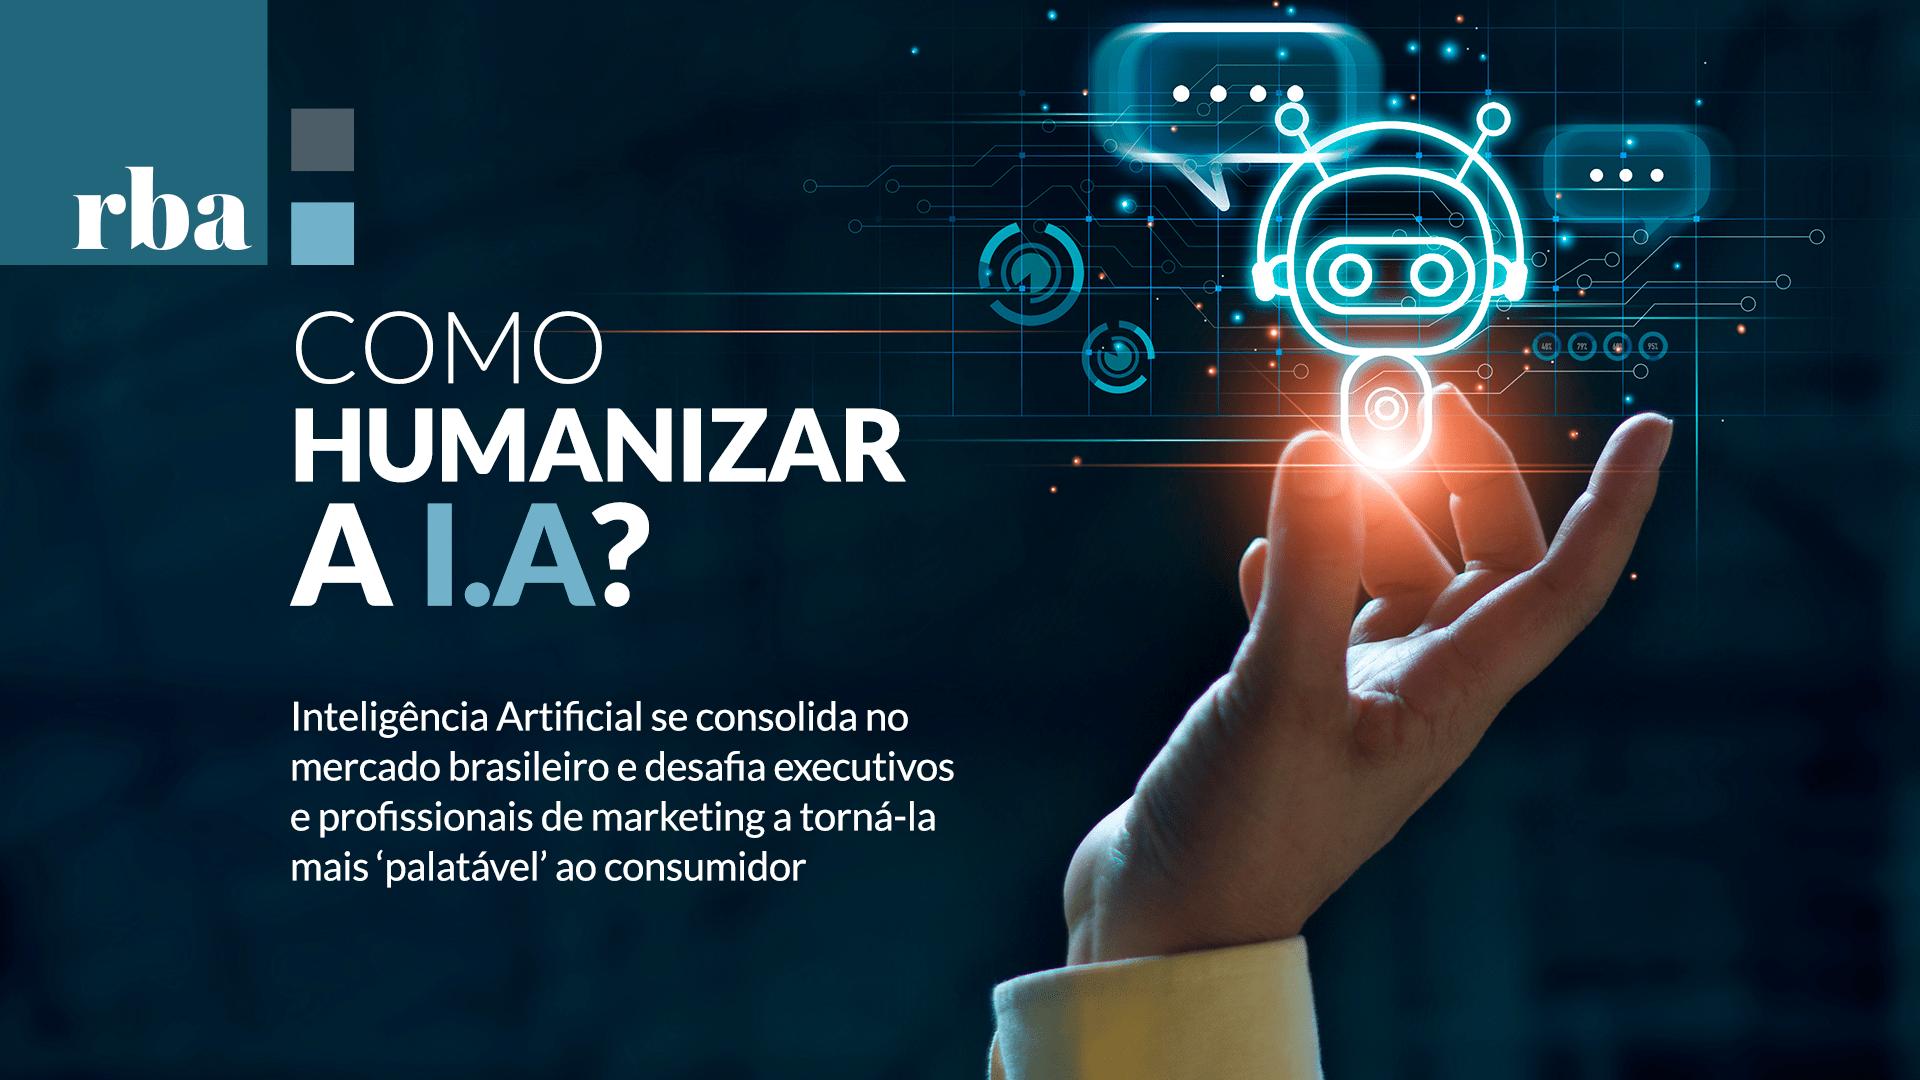 Inteligência Artificial nos negócios, como usá-la?